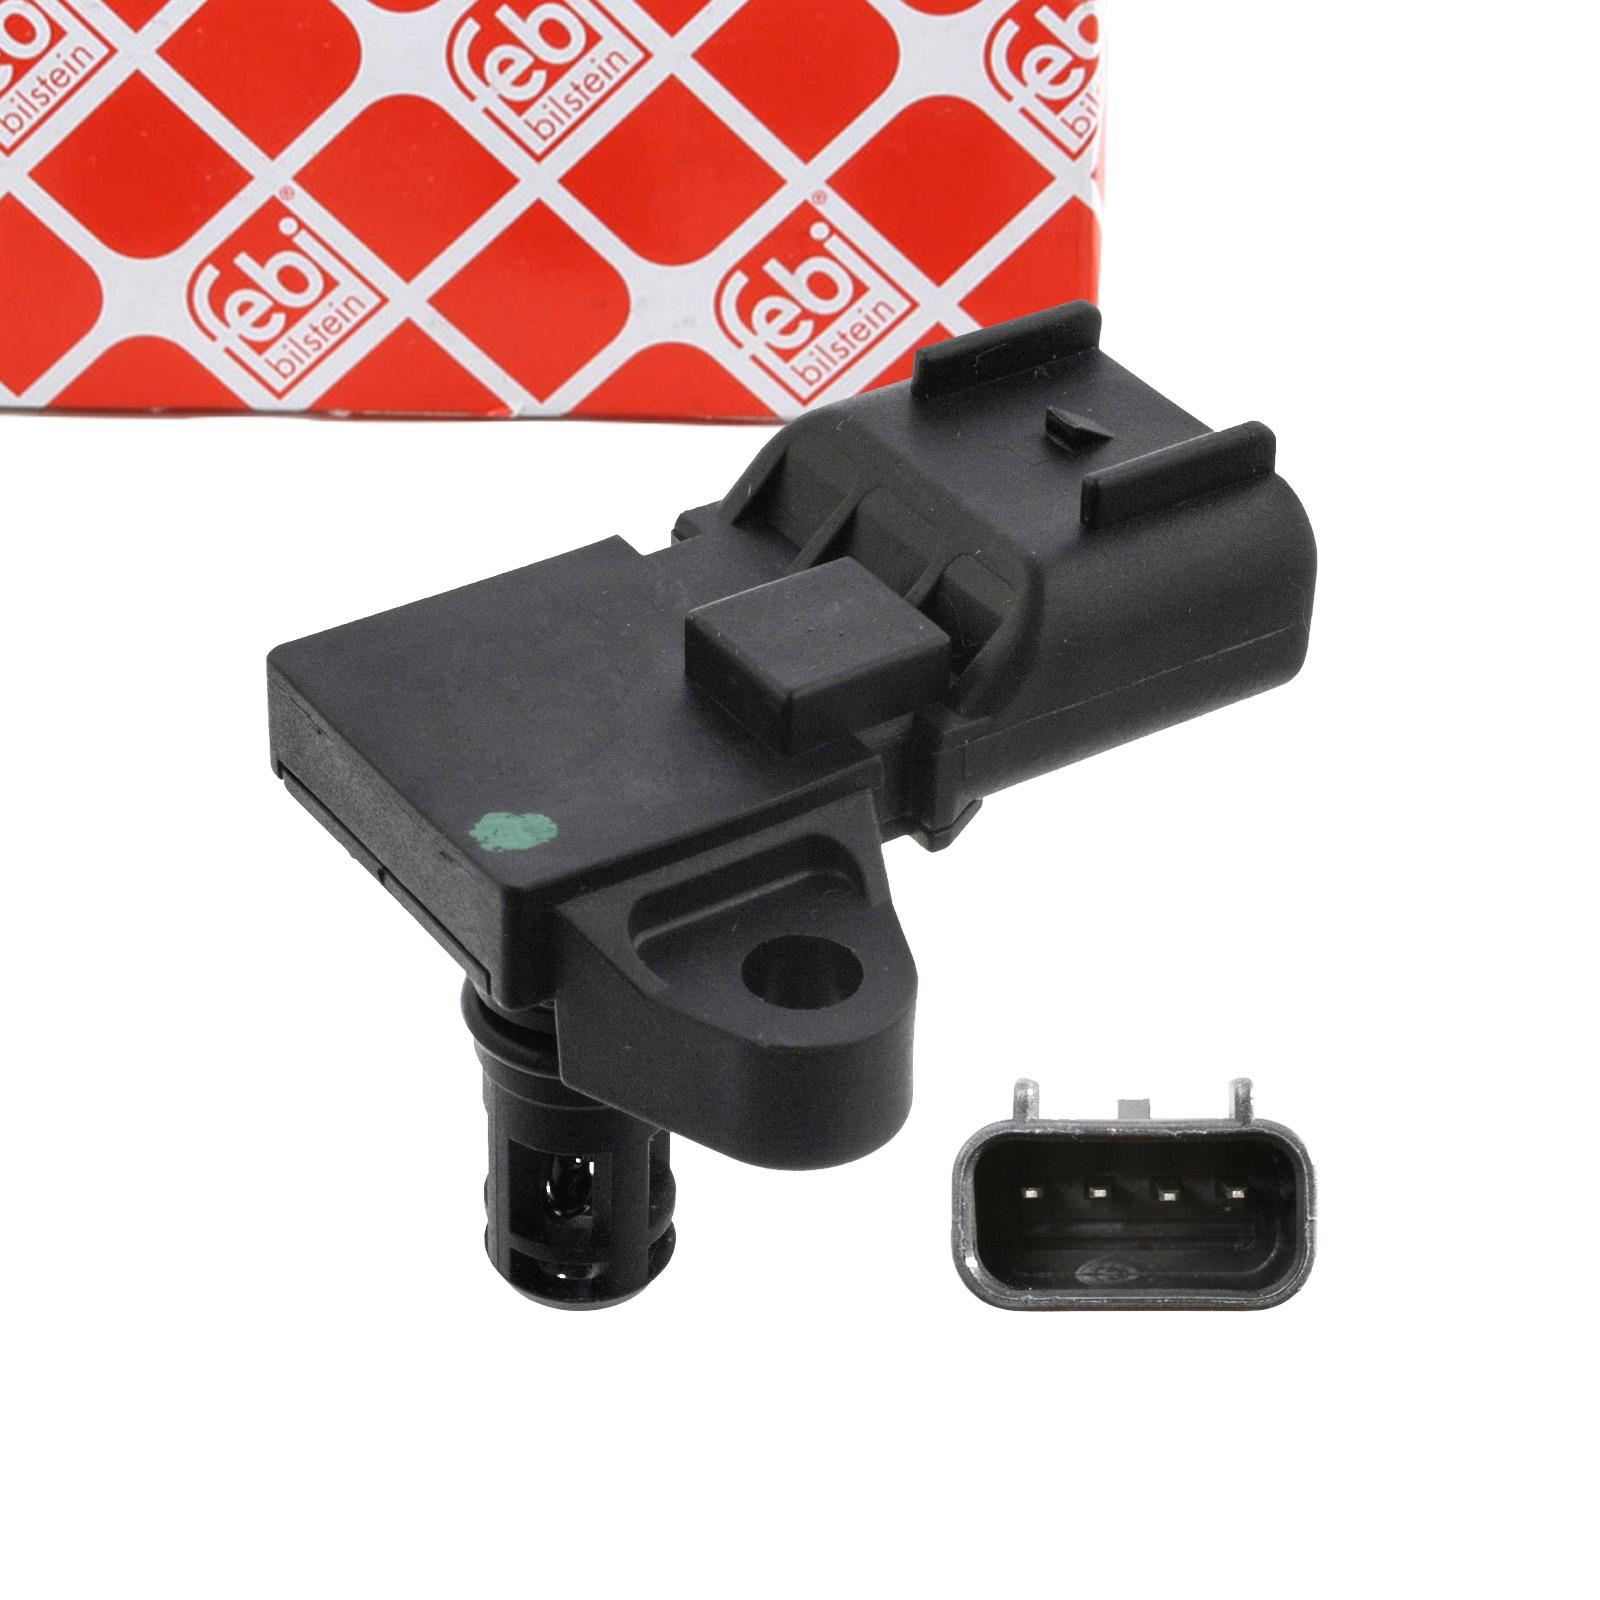 FEBI 106036 Saugrohrdrucksensor FORD B-Max JK 1.4 Fiesta 6 CB1 1.25 1.4 1.4 LPG 1516717